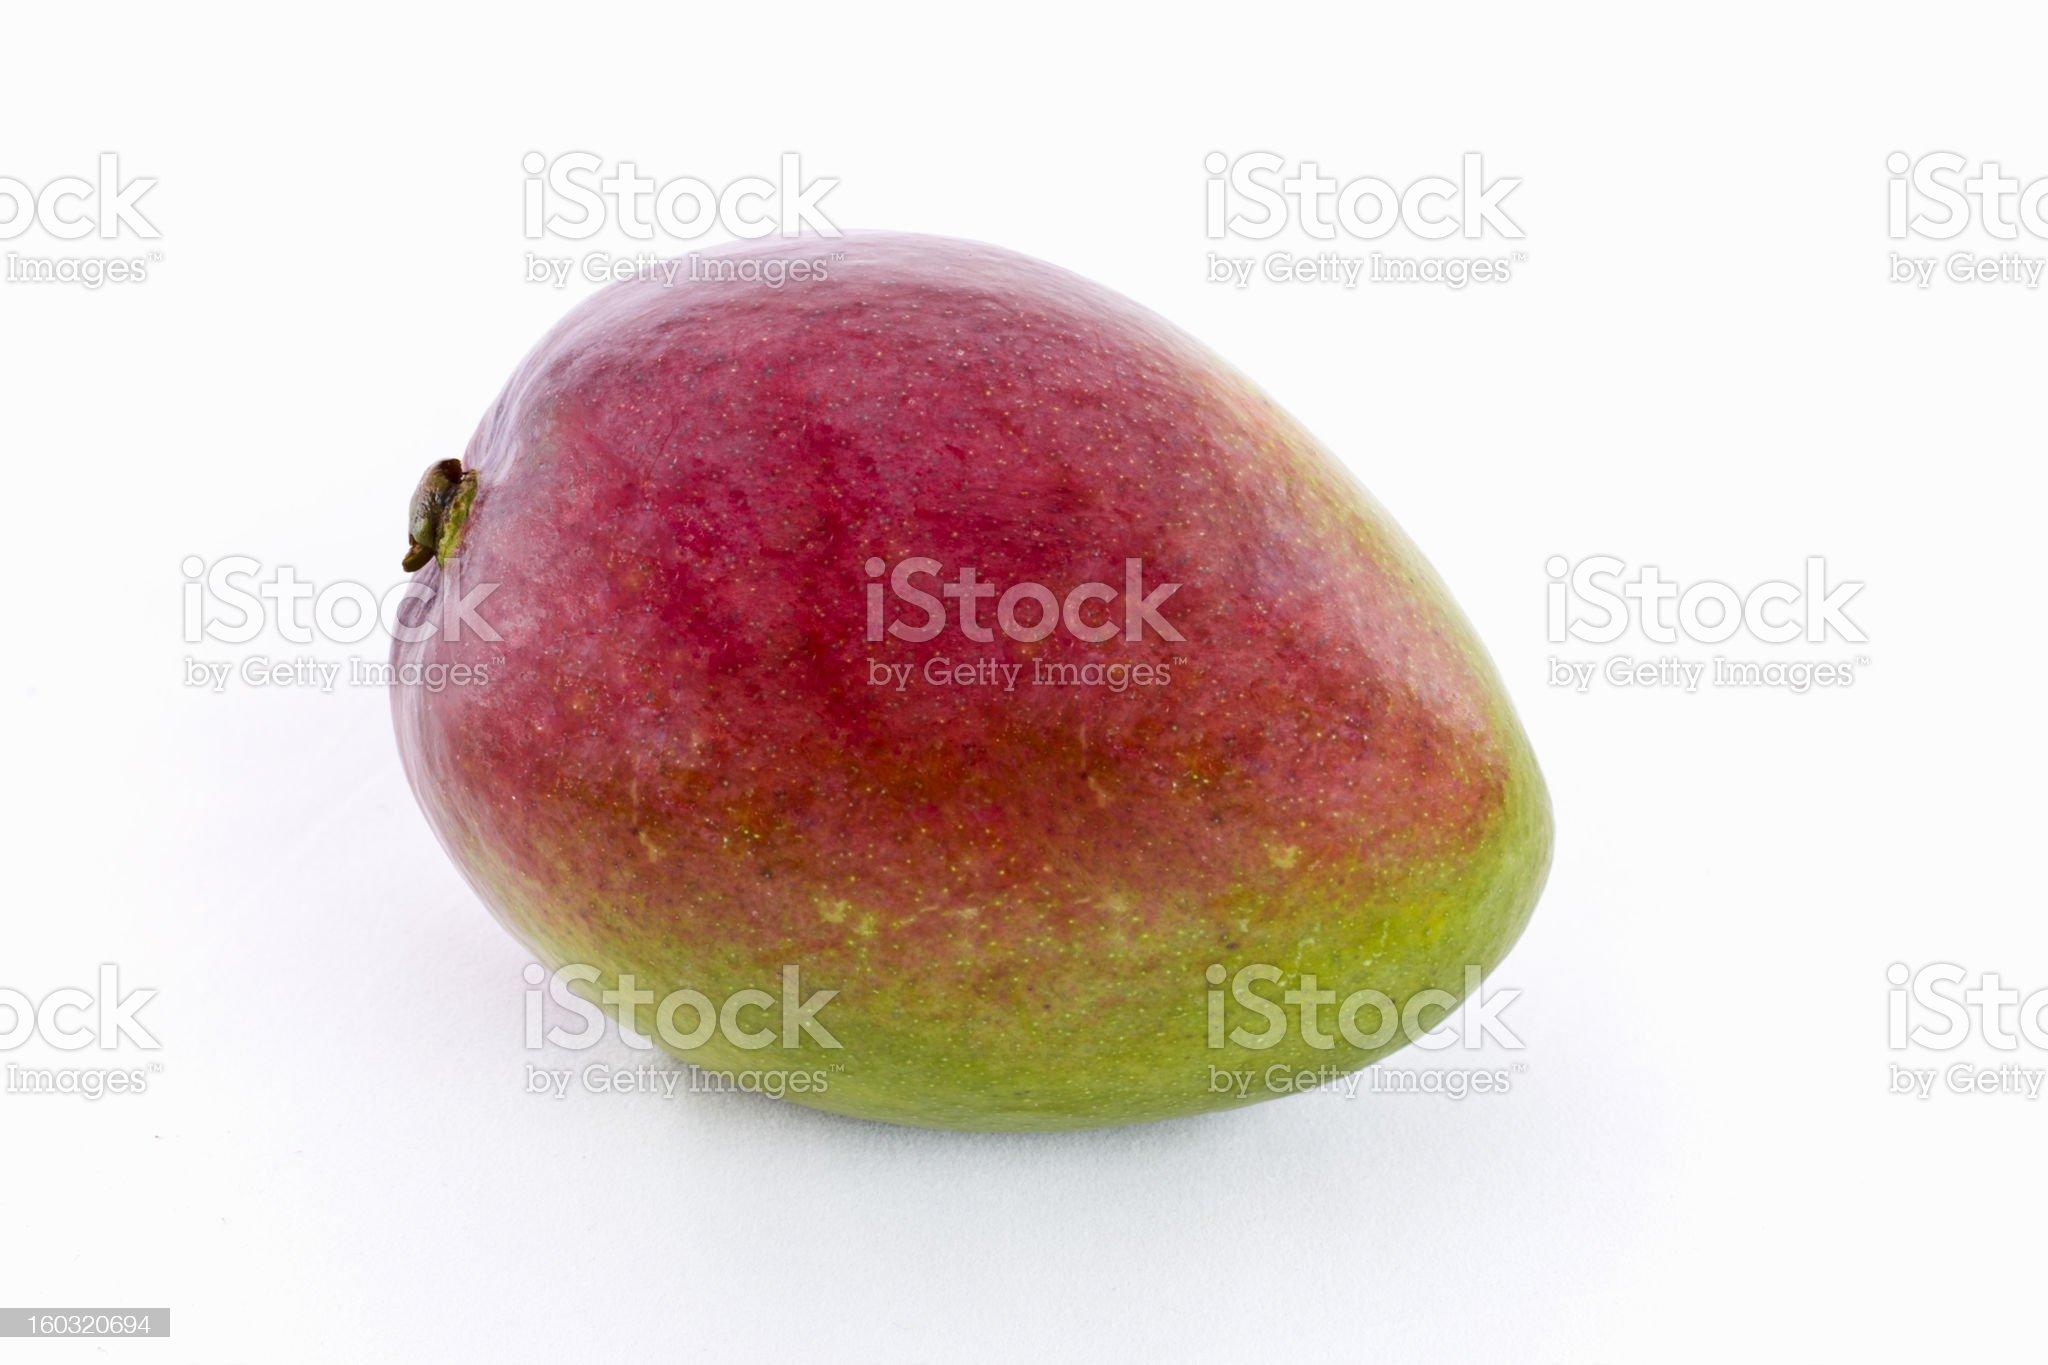 Mango fruit isolated on white background. royalty-free stock photo